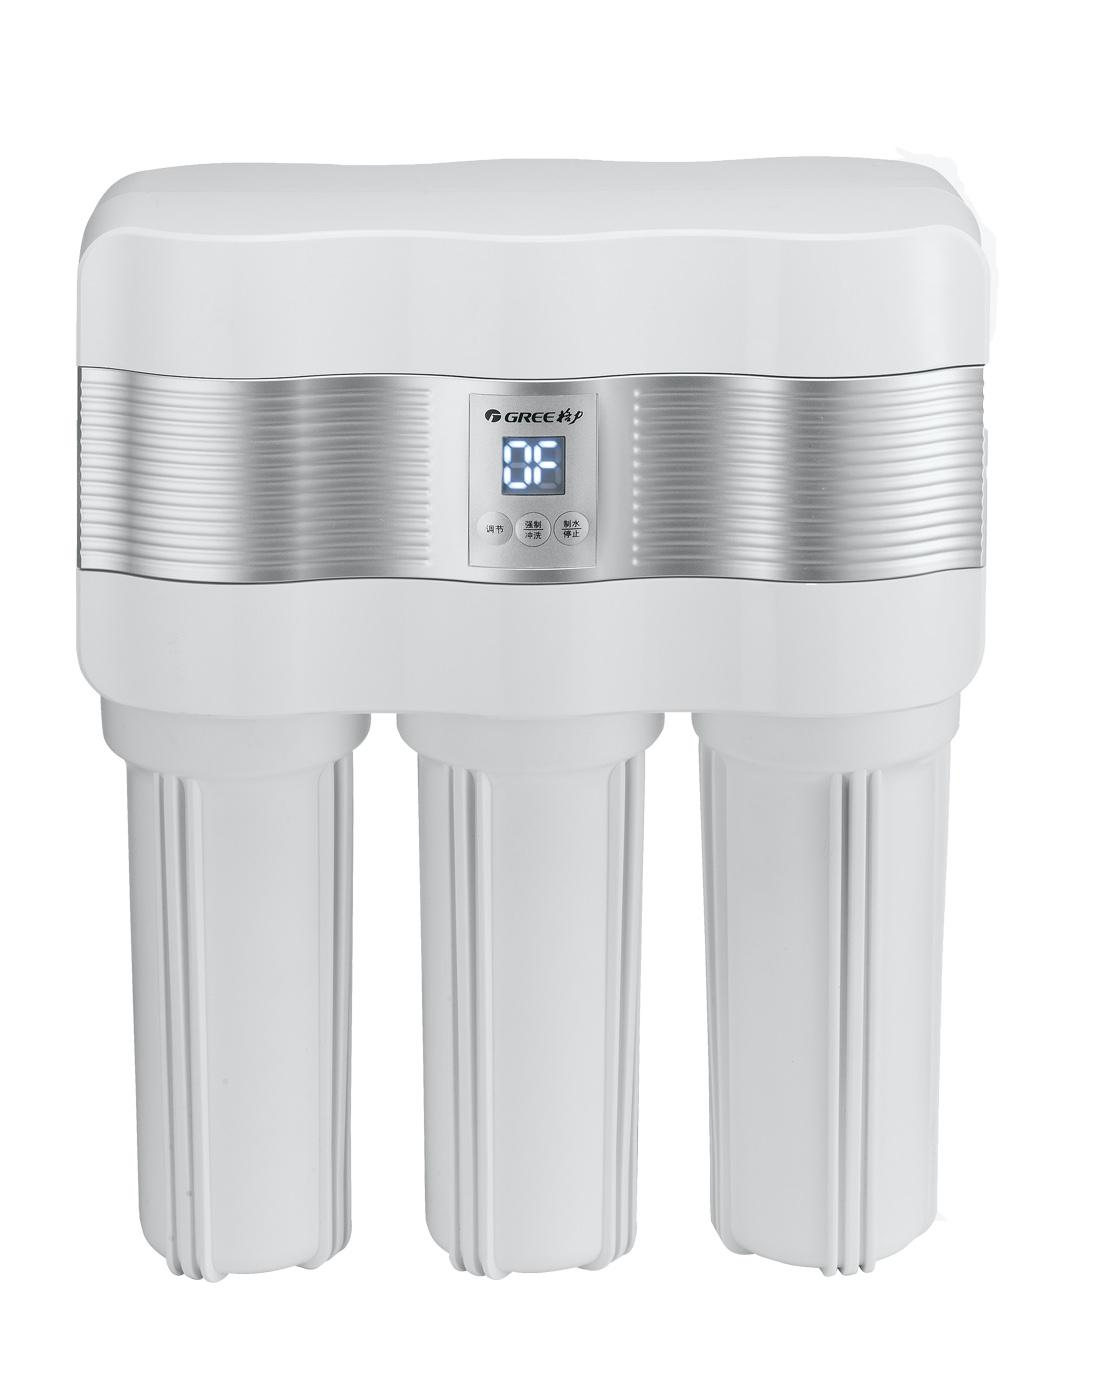 2019年净水器排行_双11值得买的十大净水器排行榜 冰尊净水器入选